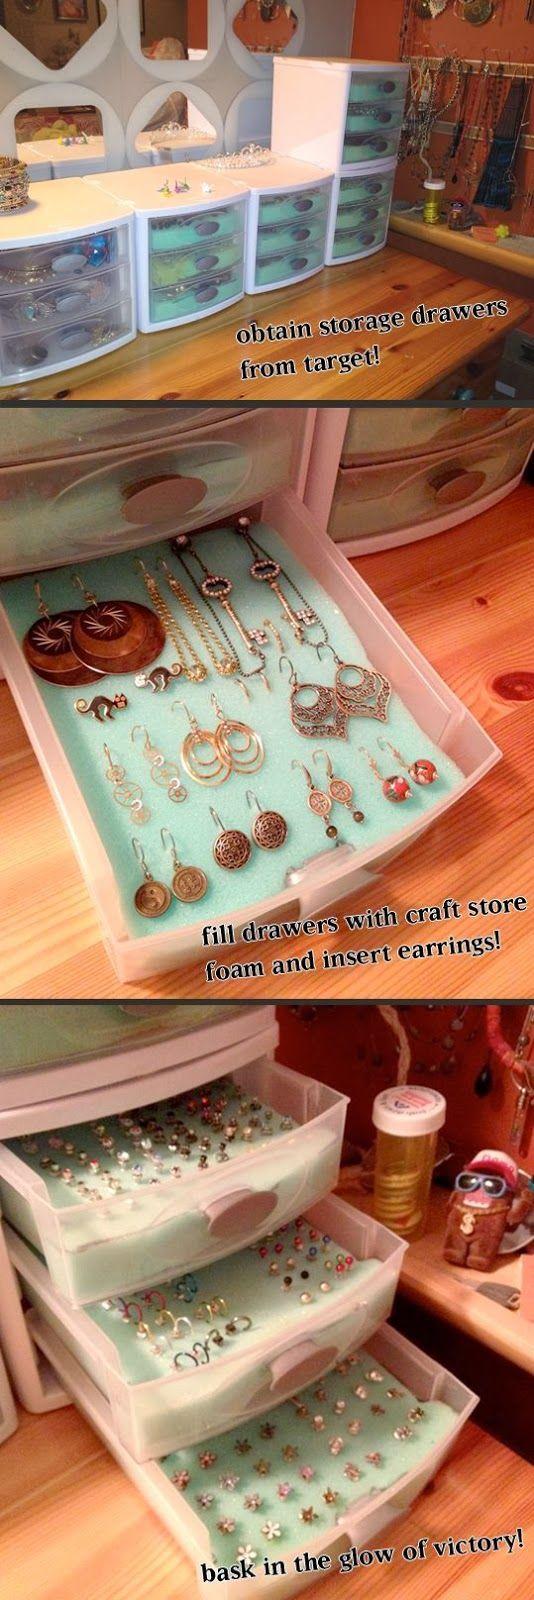 Prima umgesetzt von diyrefashion.com: Diese Plastik-Stapelcontainer (ausgelegt mit Samt für Ohrringe und Ringe) sind eine tolle Display-Idee!